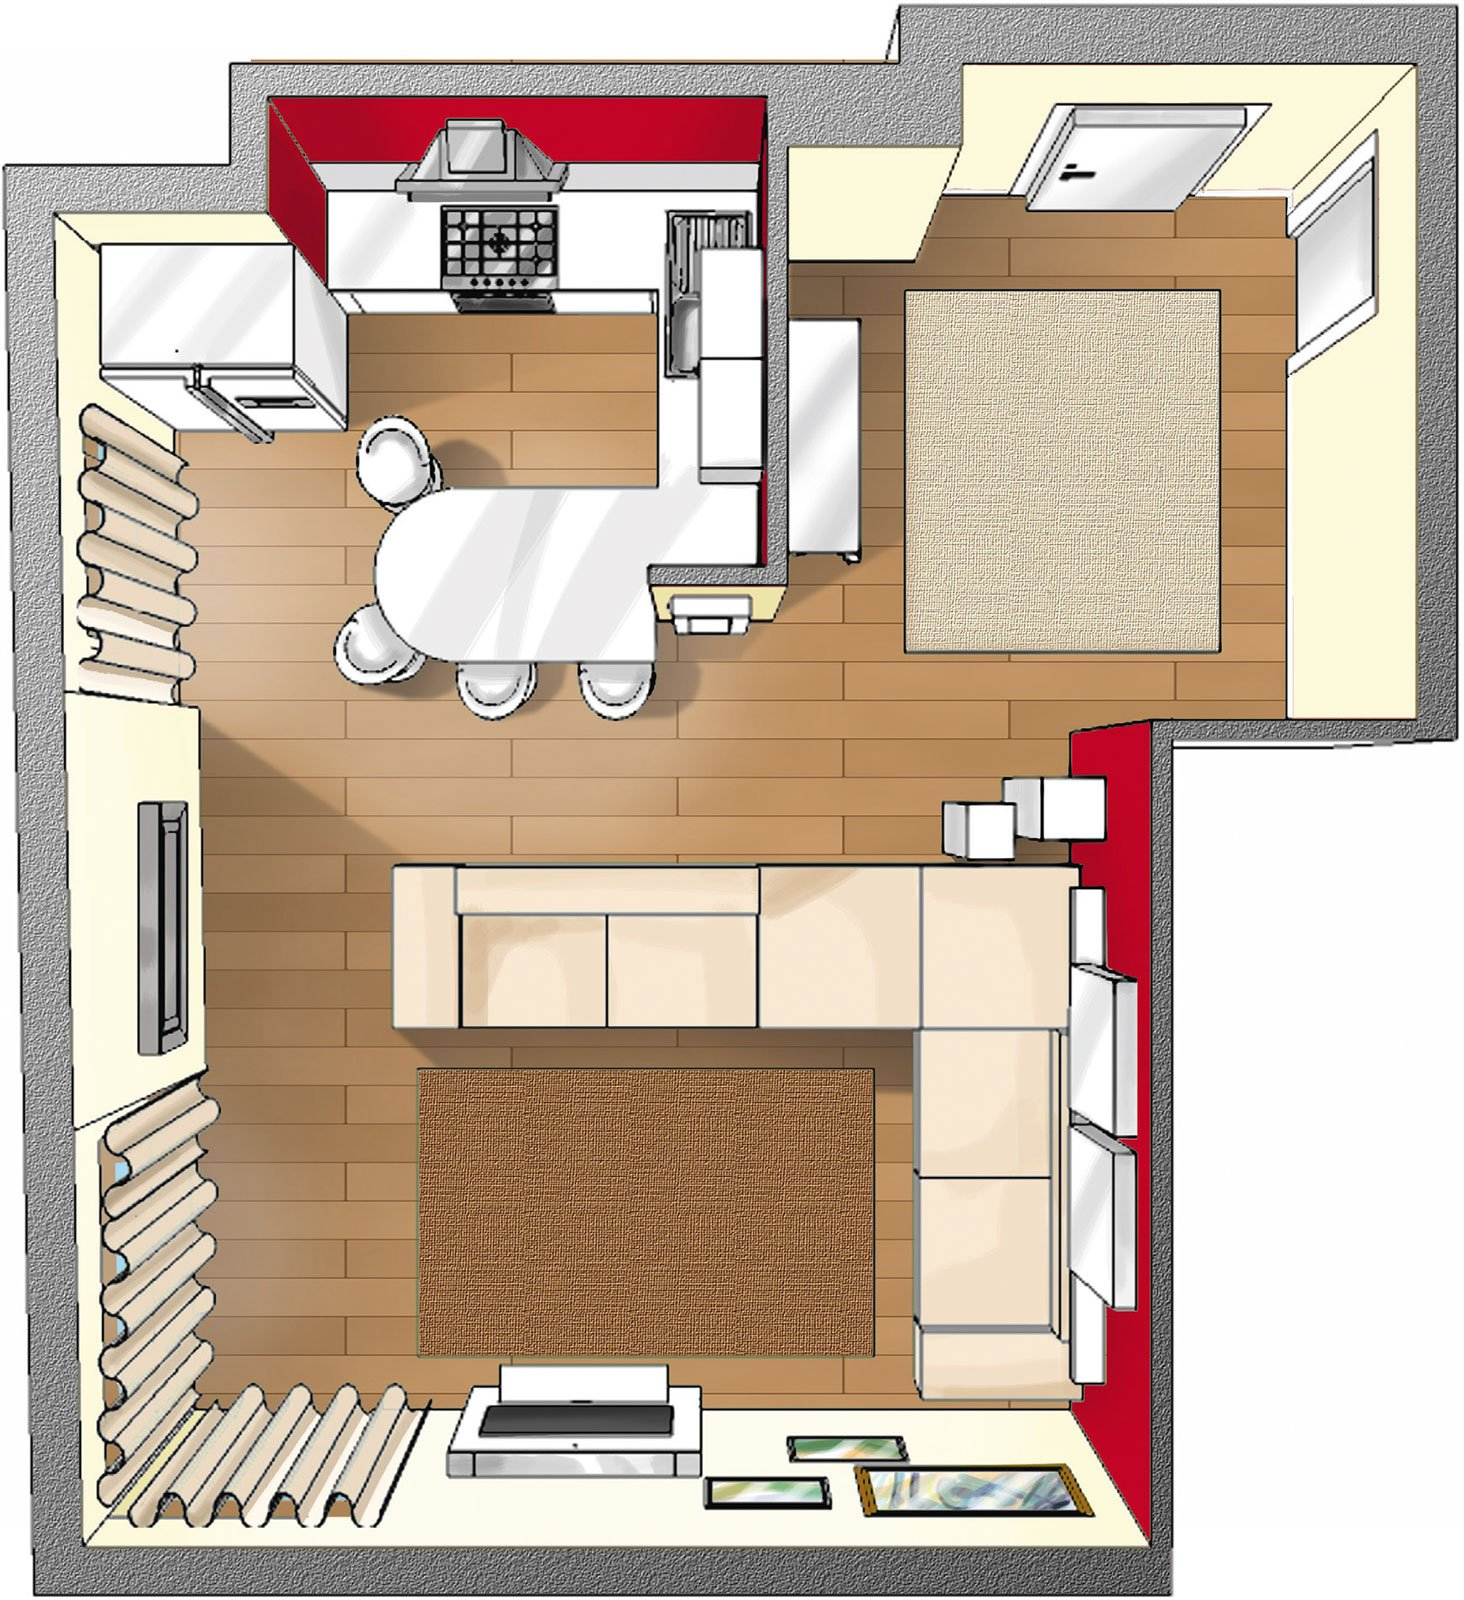 Mobili da corridoio e ingresso originali design casa - Ingresso di casa ...